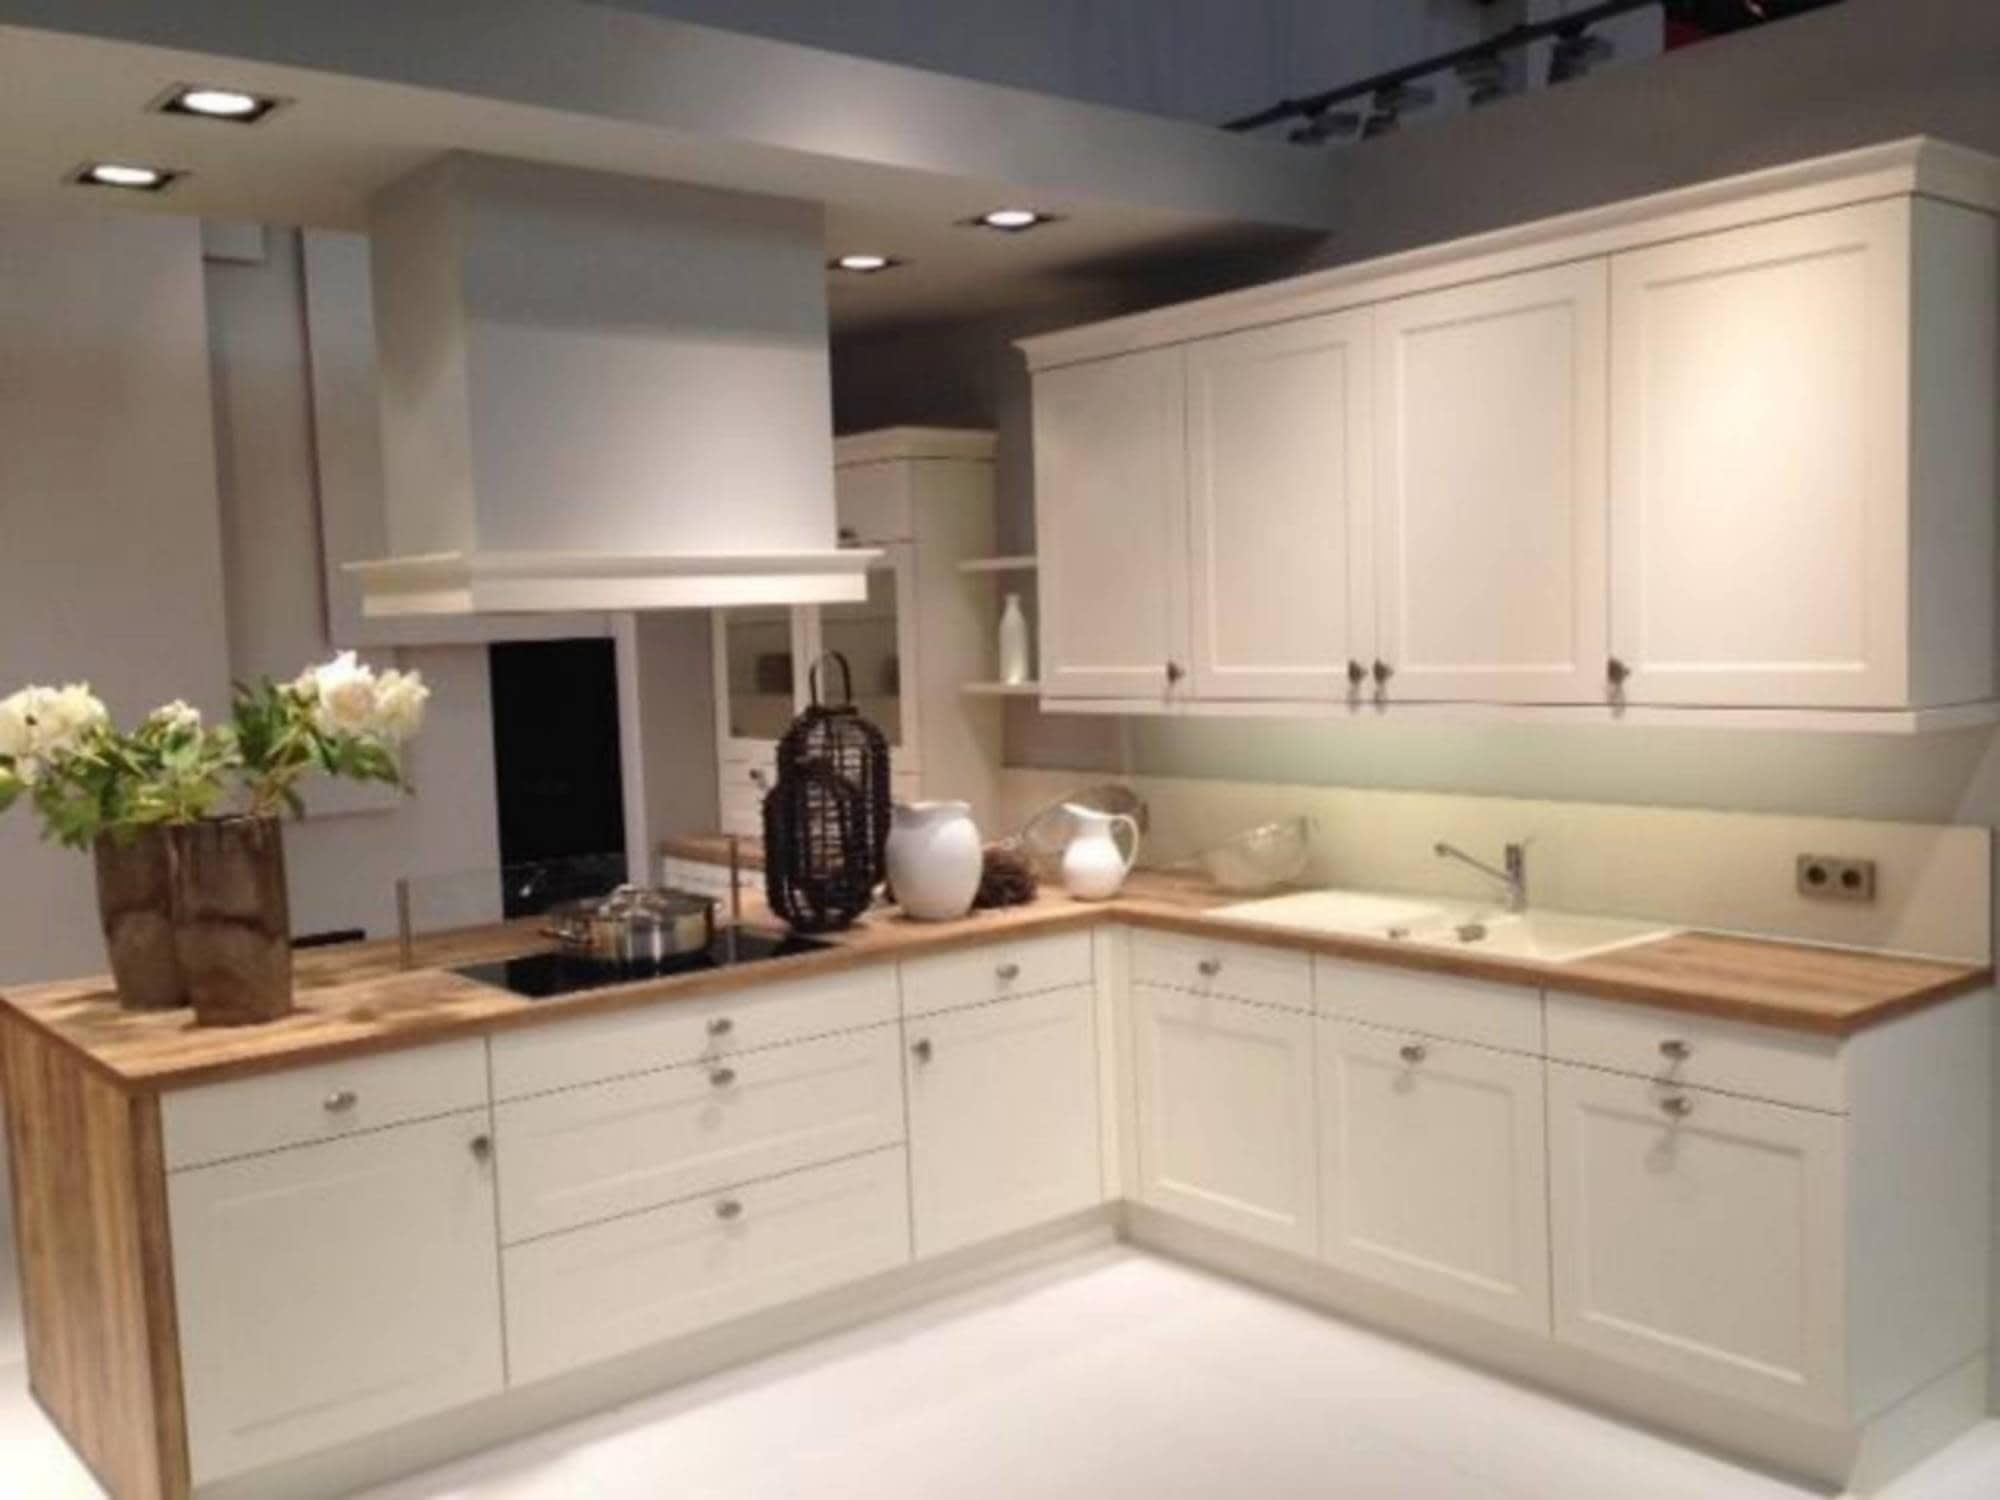 Muebles de cocina: Tonos claros y sencillez | MUEBLES SERAFÍN ...